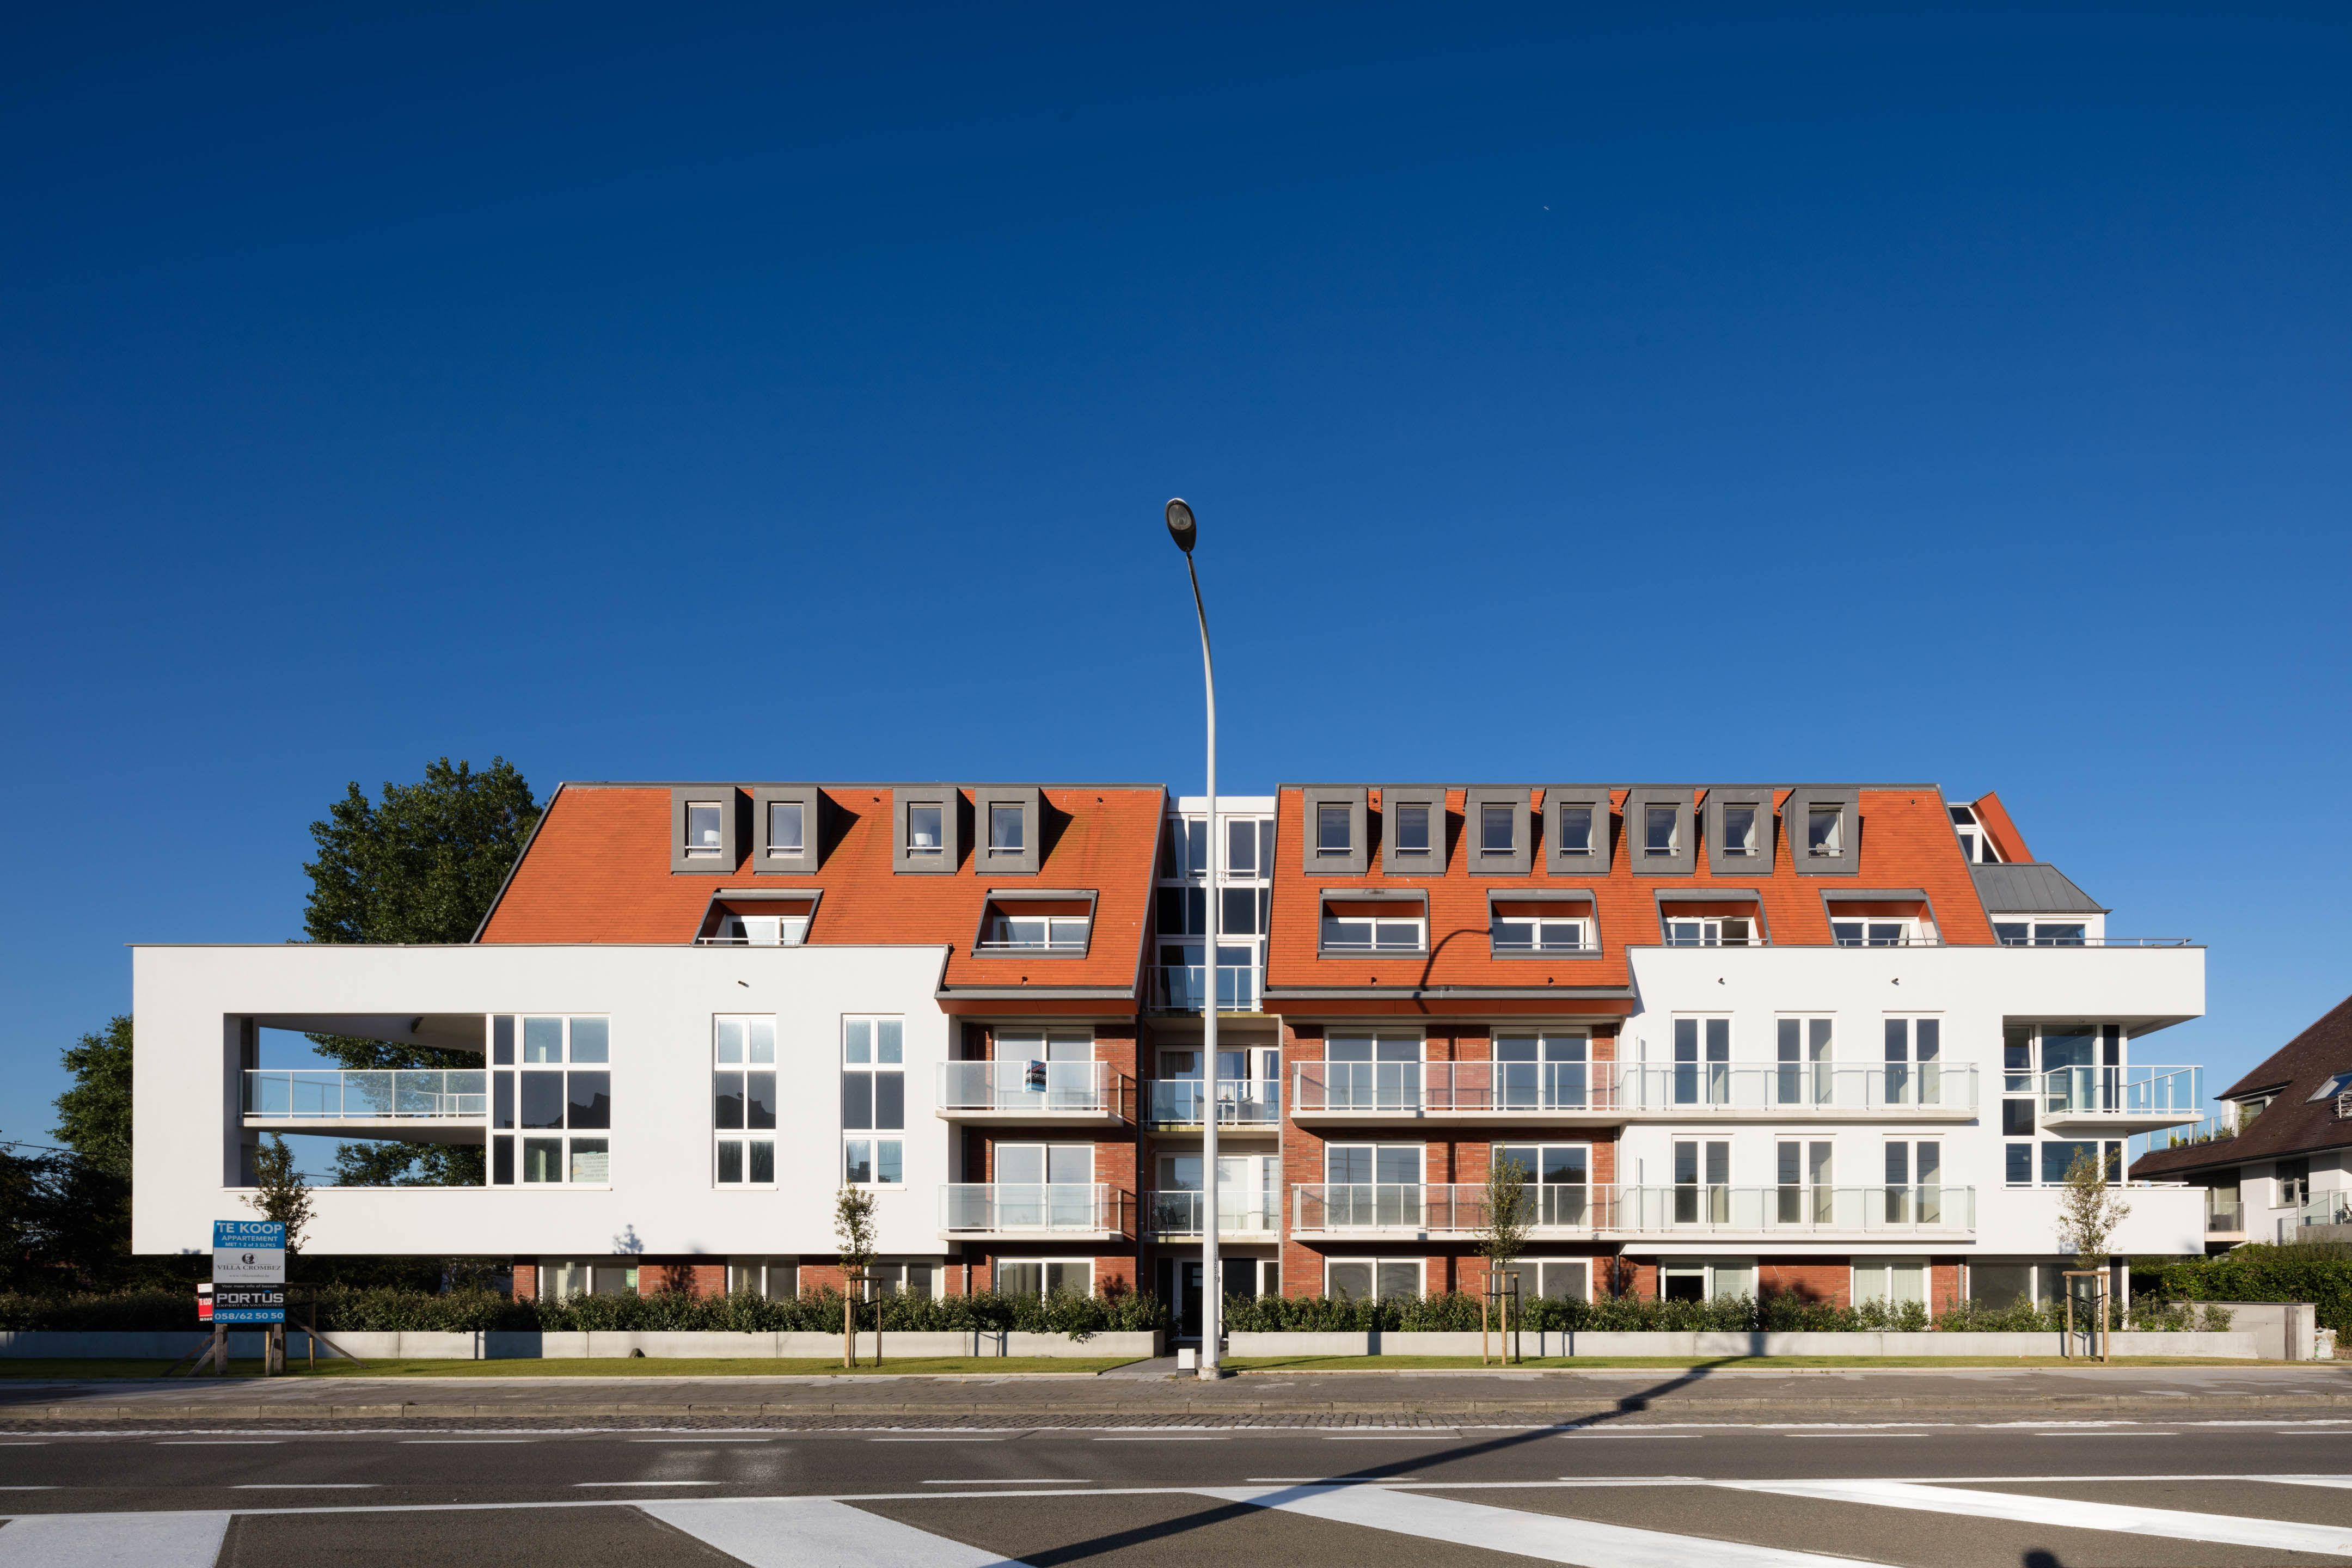 Appartement Residentie Villa Crombez Nieuwpoort - 3627